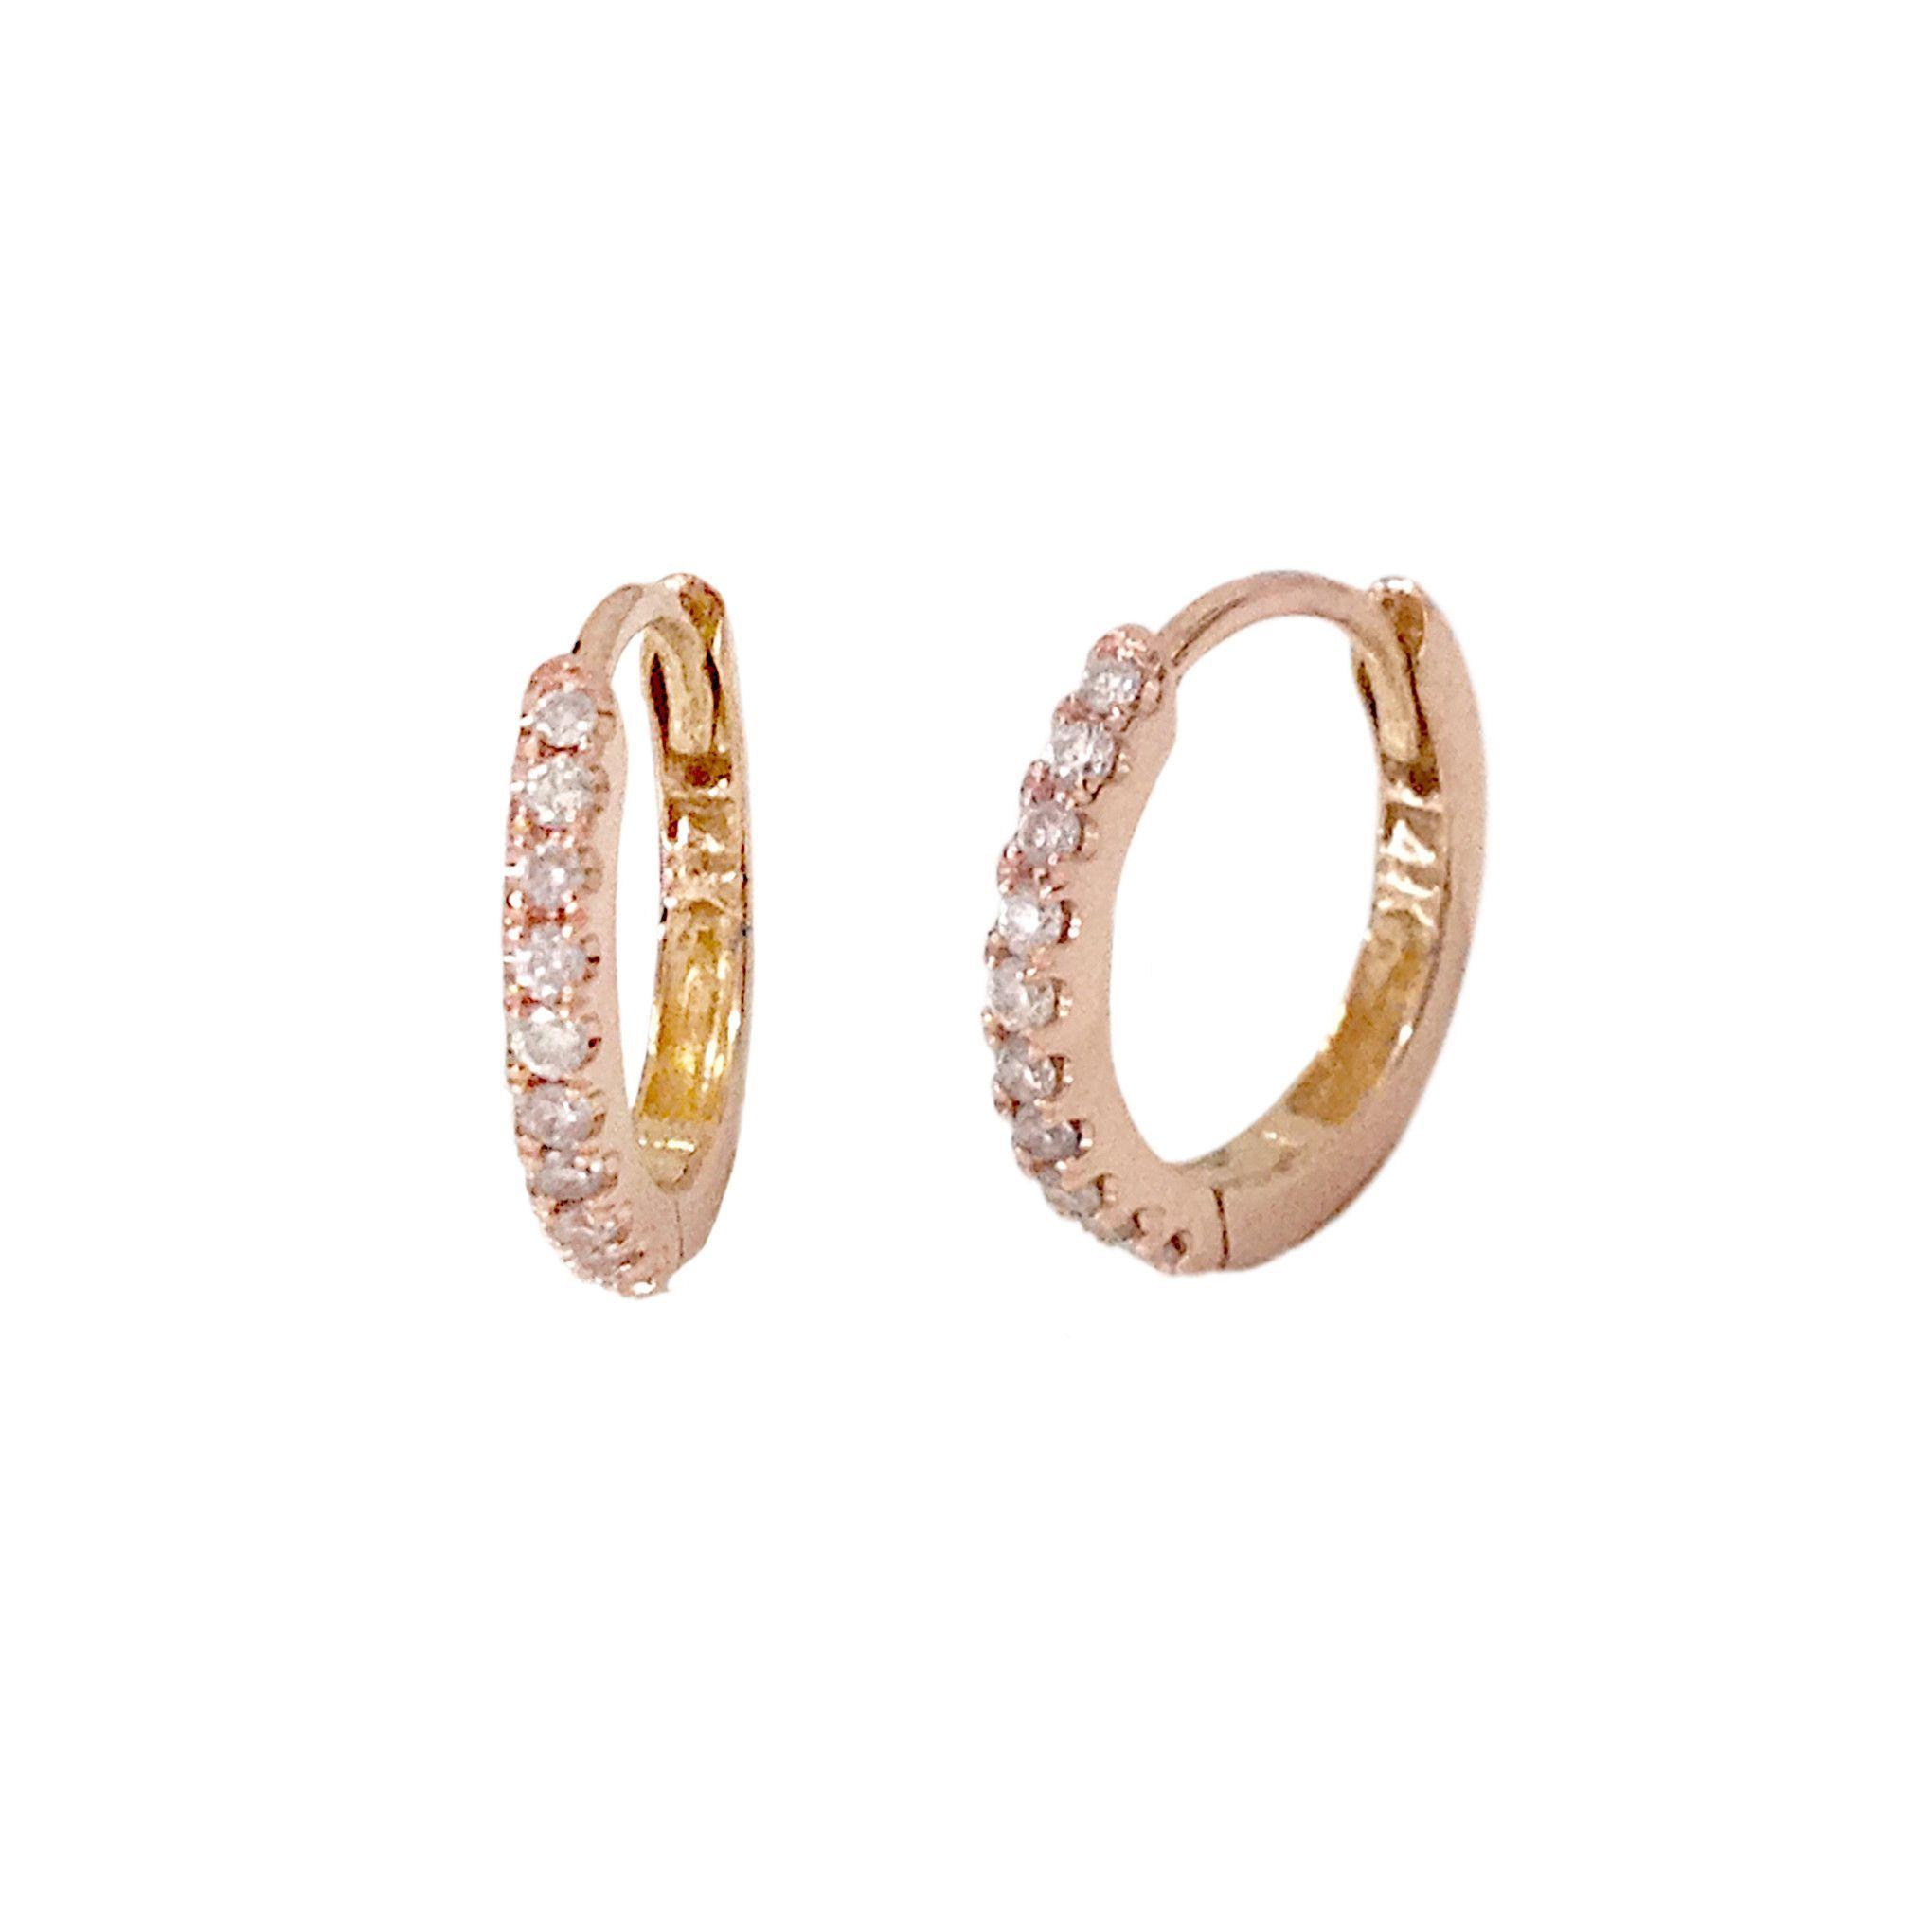 14K Gold Pavé Diamond Small Size 9mm Huggie Hoop Earrings